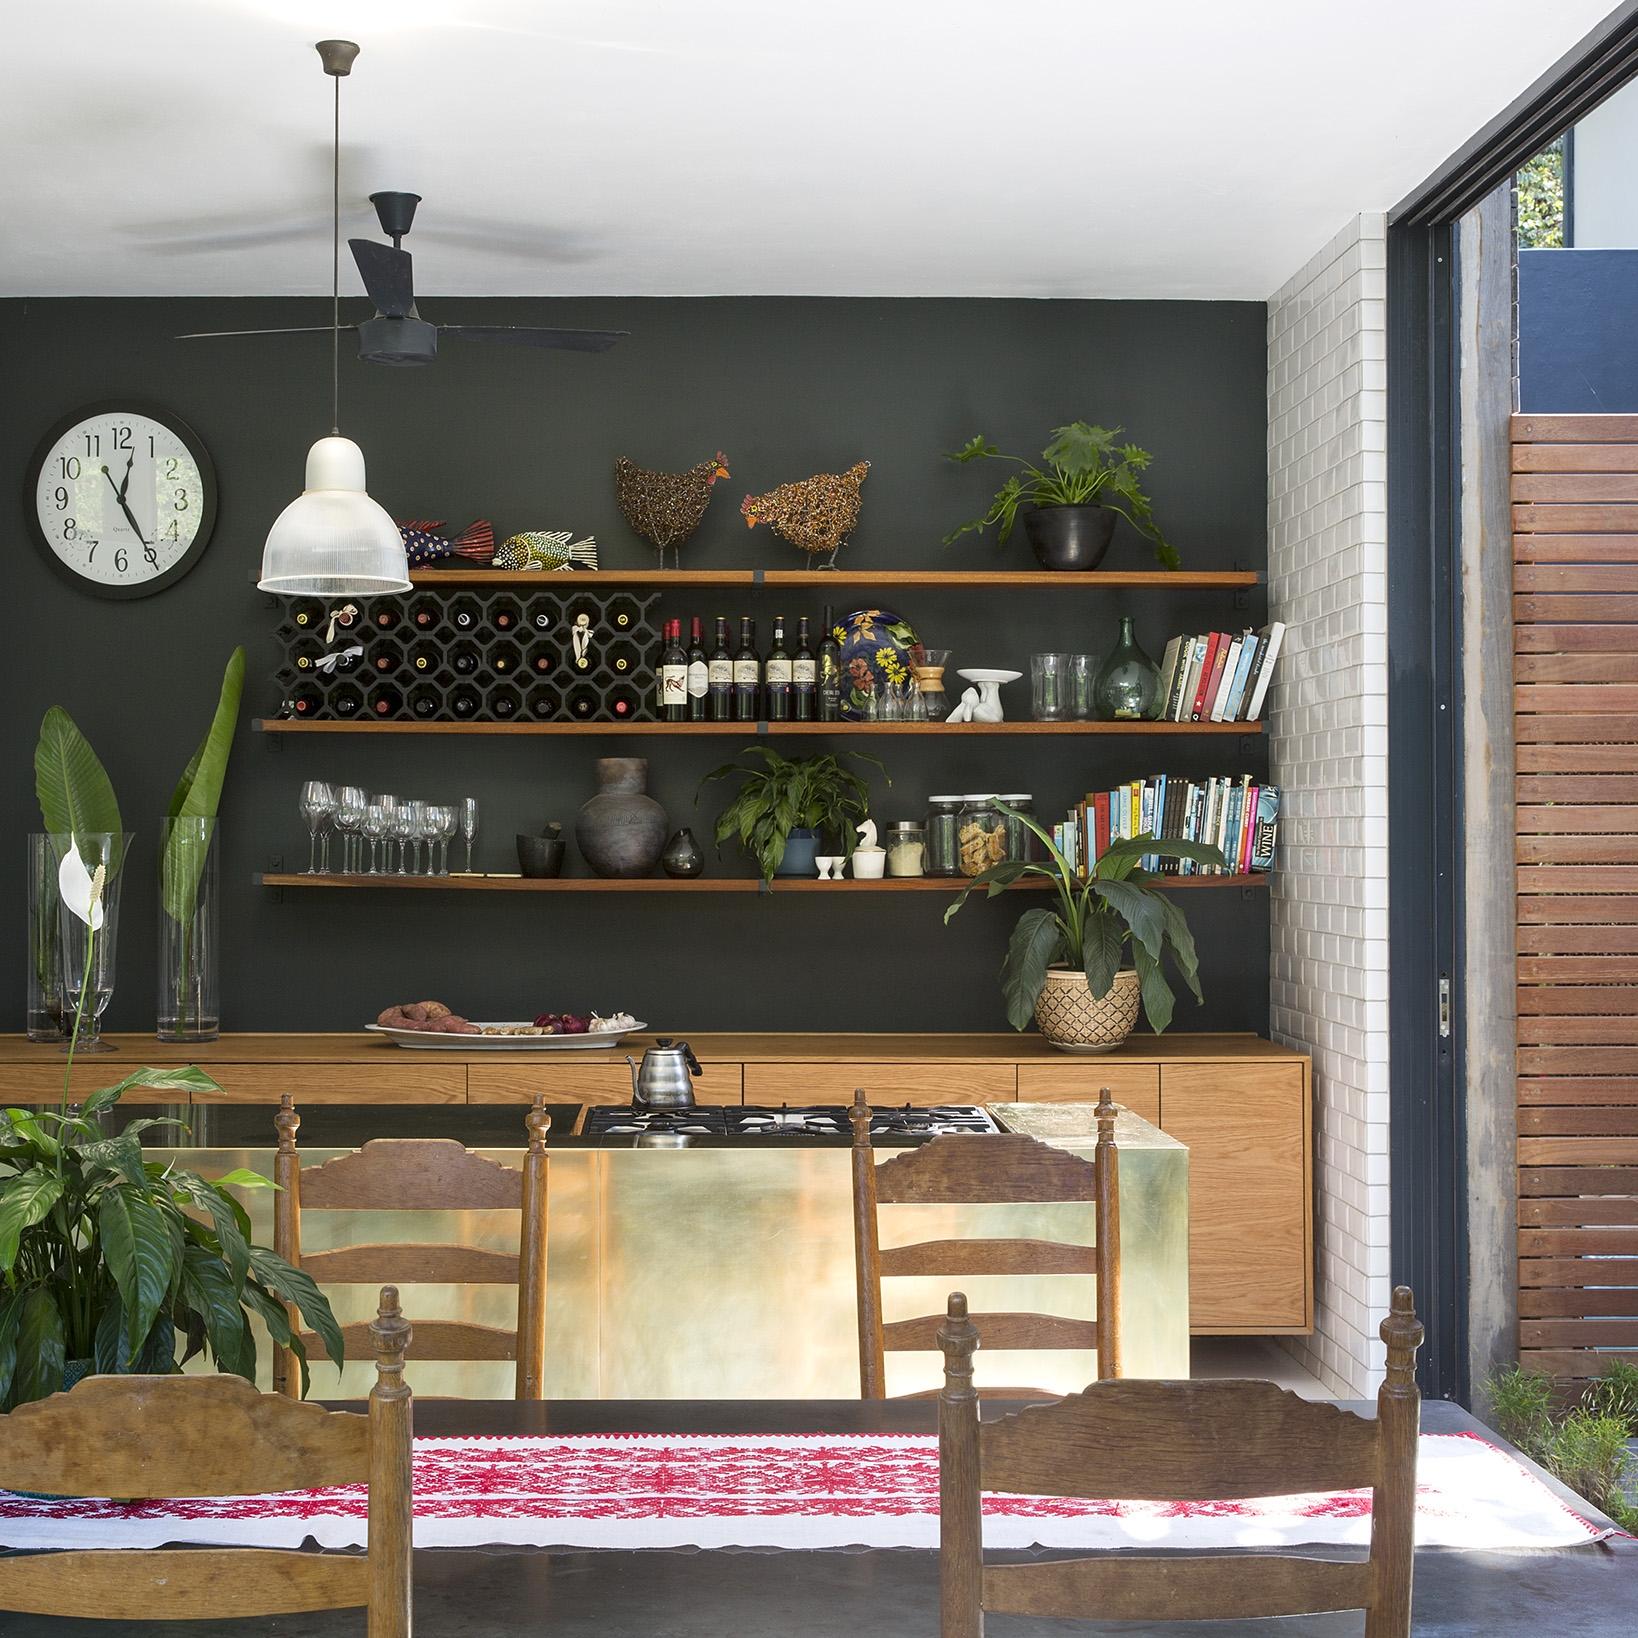 julia-rutherfoord-architect-kitchen-2017-01.jpg